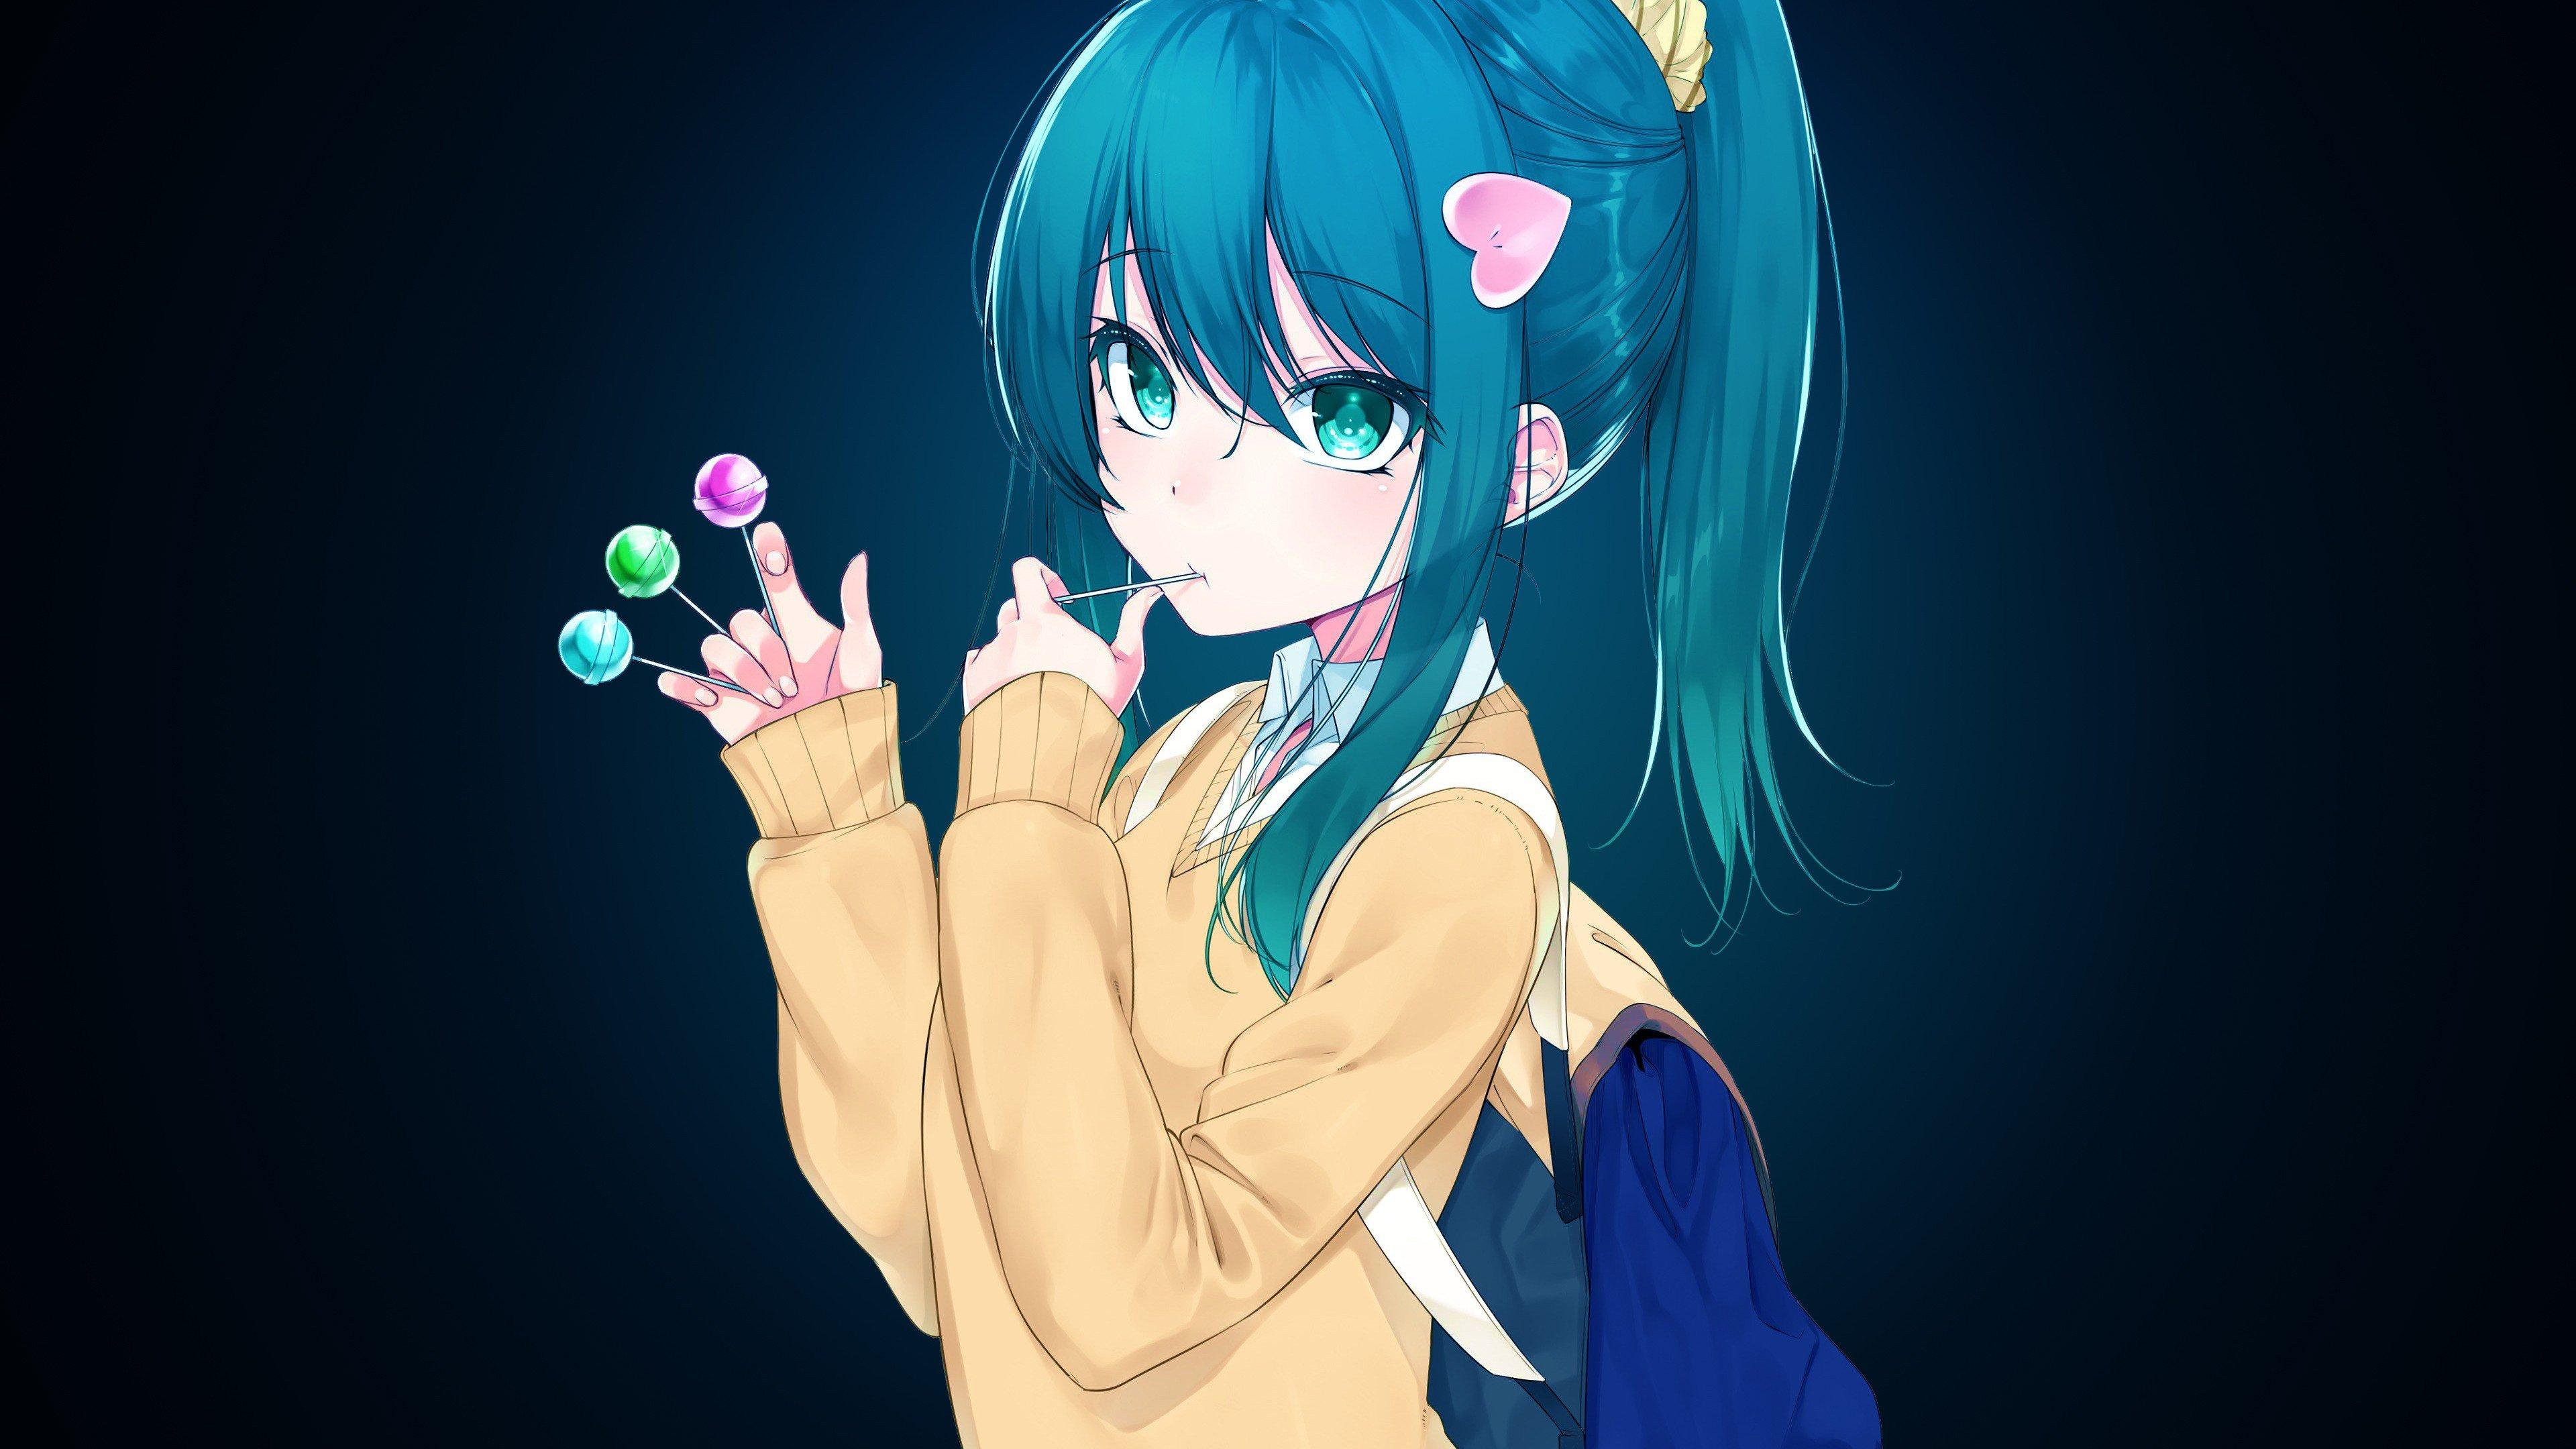 Blue Hair Girl Anime Cute - HD Wallpaper